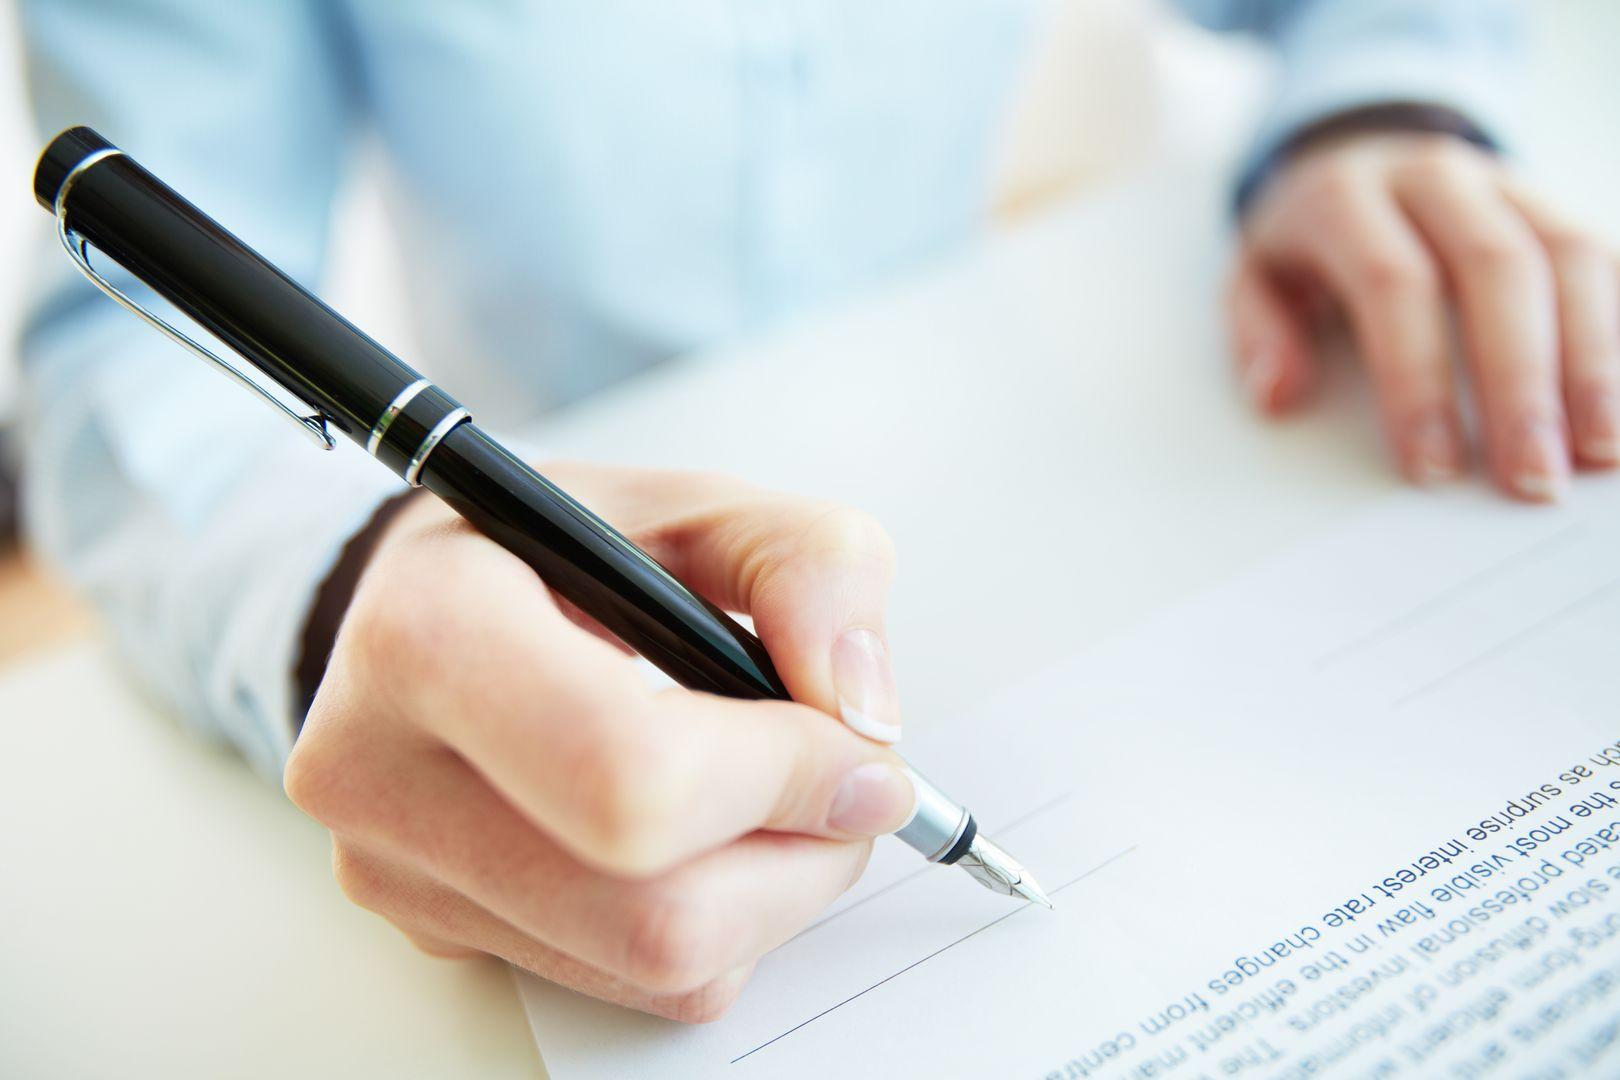 Klienci rynku niemieckojęzycznego szukający pomocy prawnej w Polsce